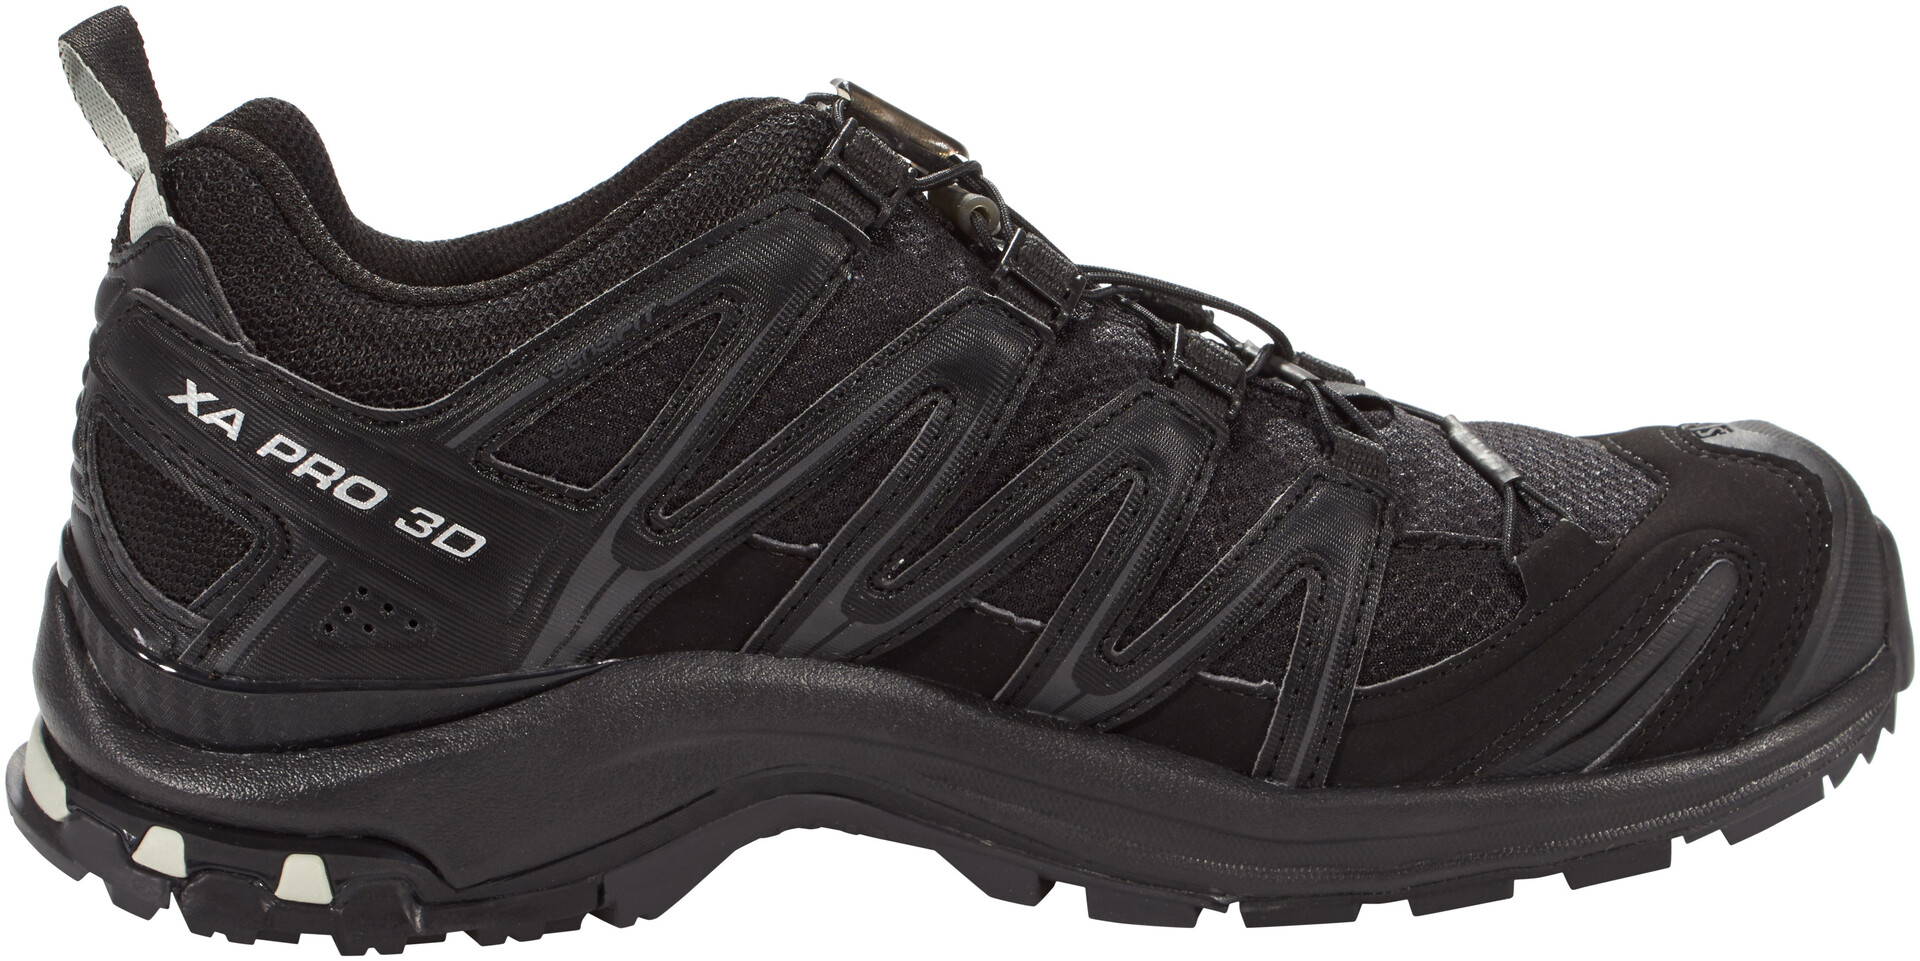 Salomon XA Pro 3D GTX Schuhe Damen rhododendronwinetastingcantaloupe